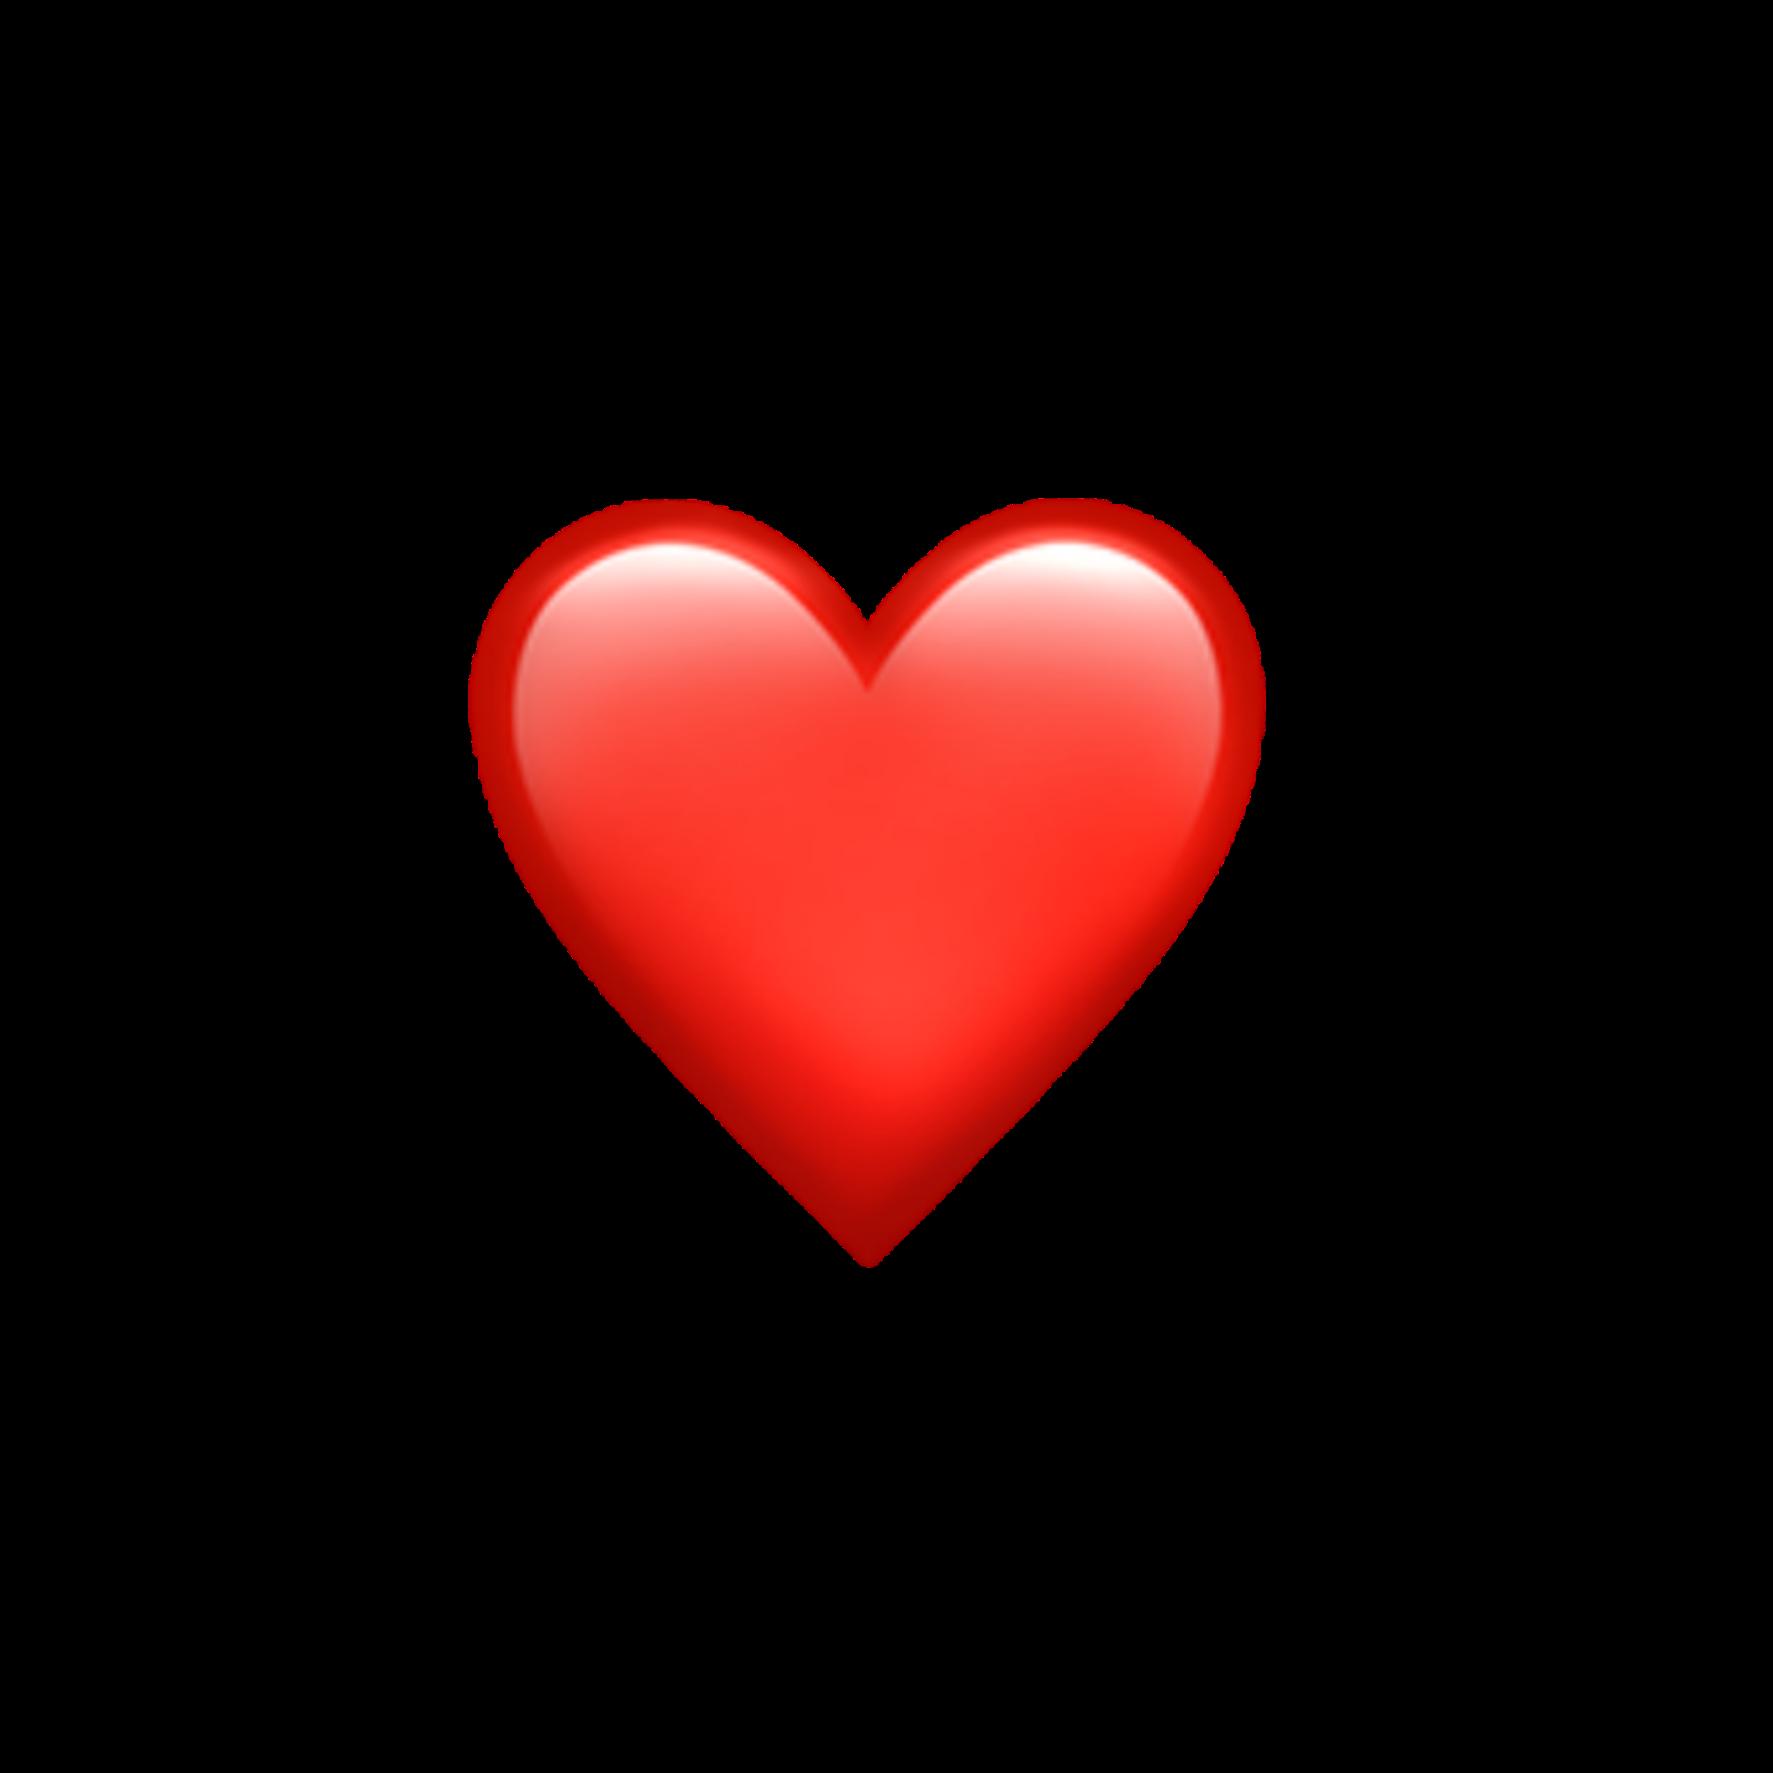 Emoji Hearts Heart Emojiwhatsapp Whatsapp Emojis Tumbl